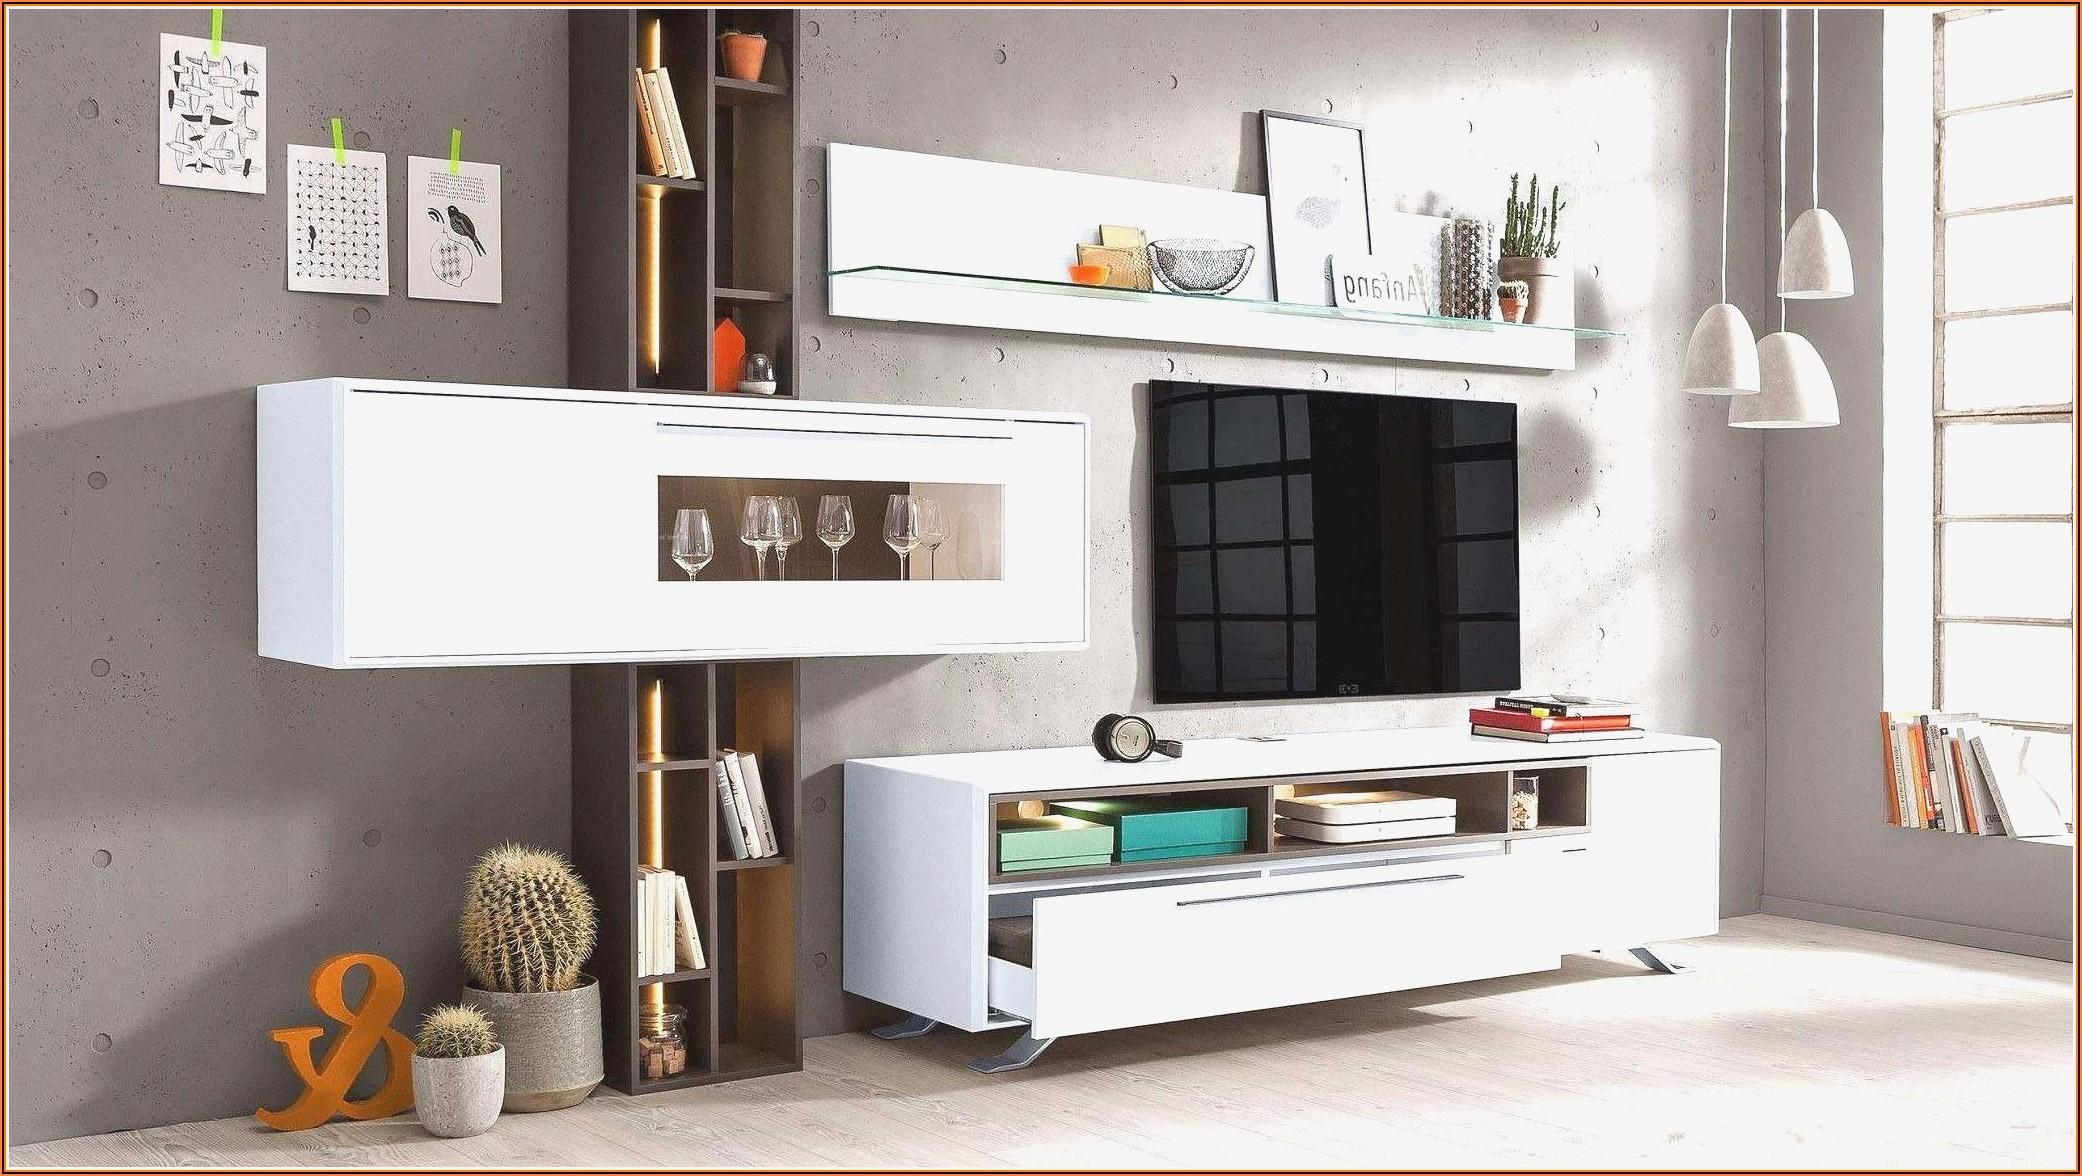 Stilvolle Deko Wohnzimmer